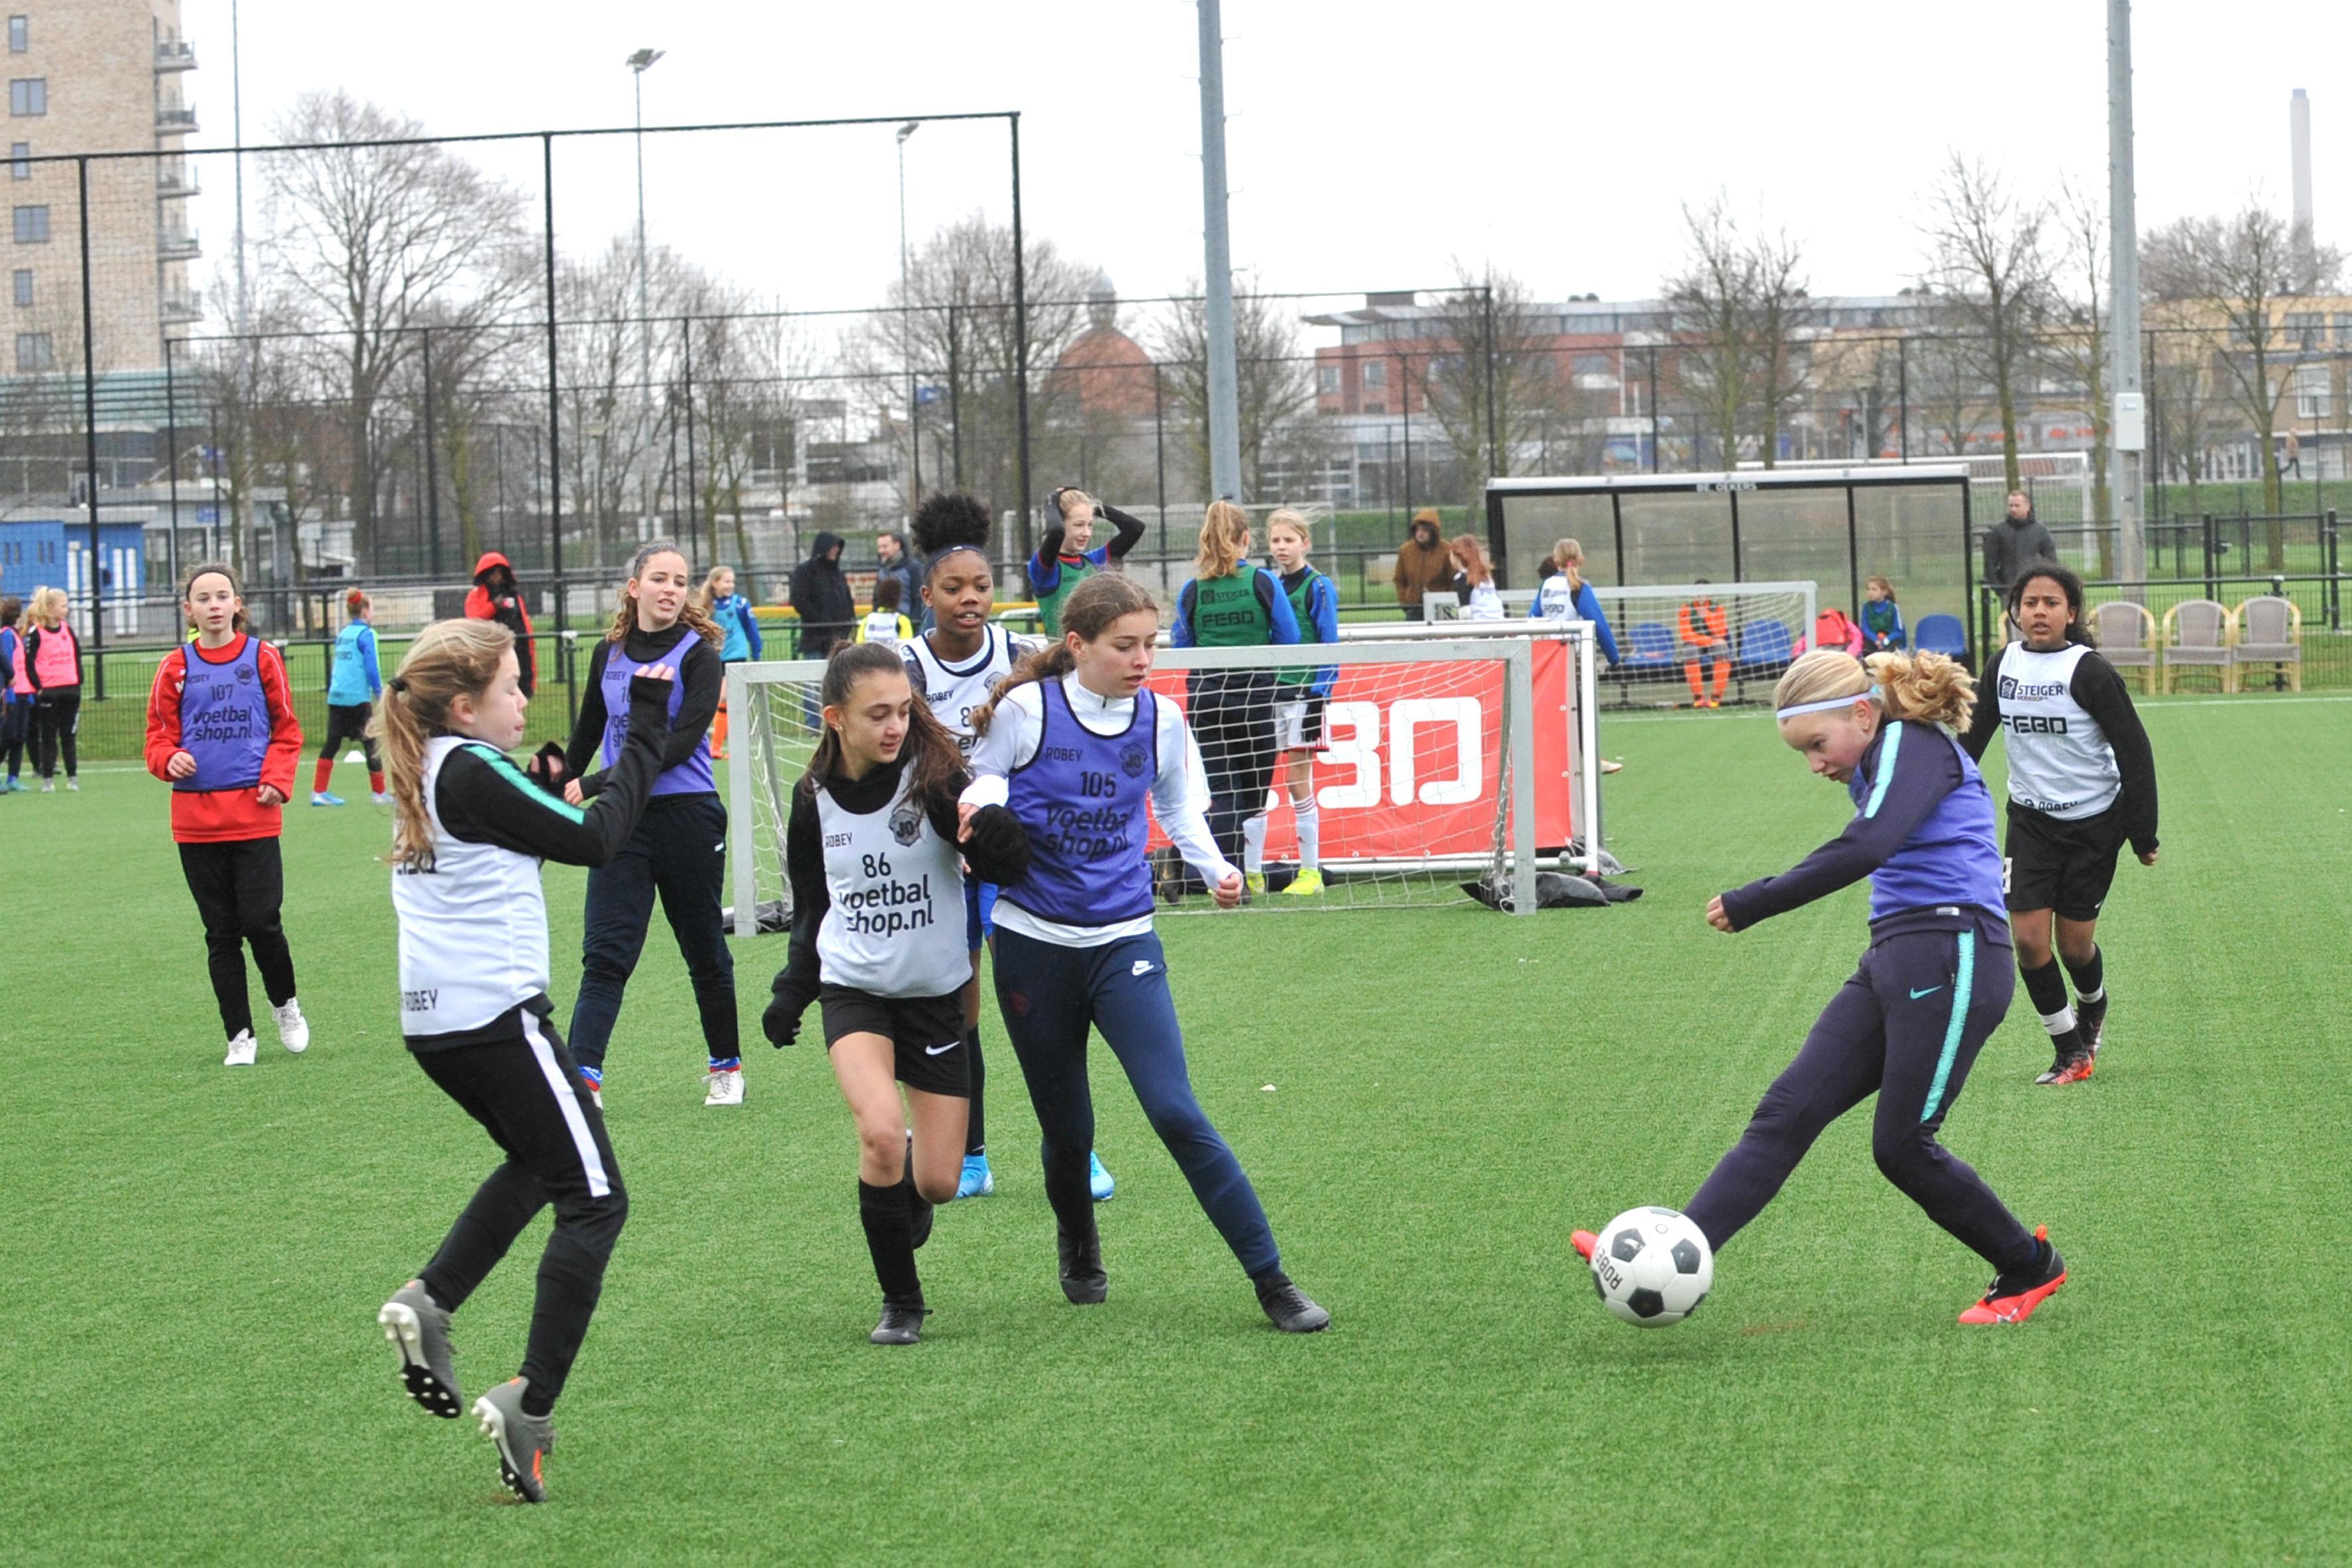 Talentendag voor meisjesvoetballers bij DEM: dromen van Oranje